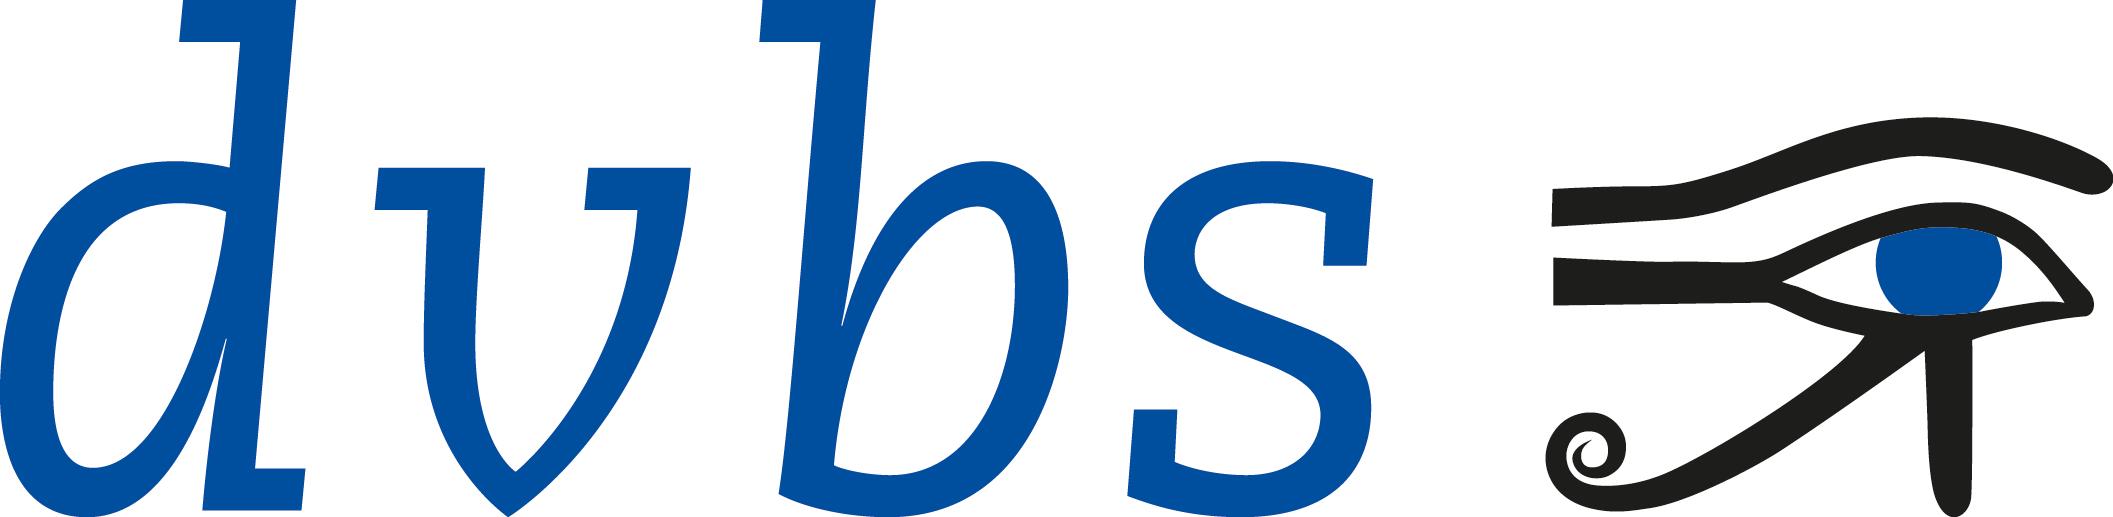 Die Abbildung zeigt das DVBS-Logo.